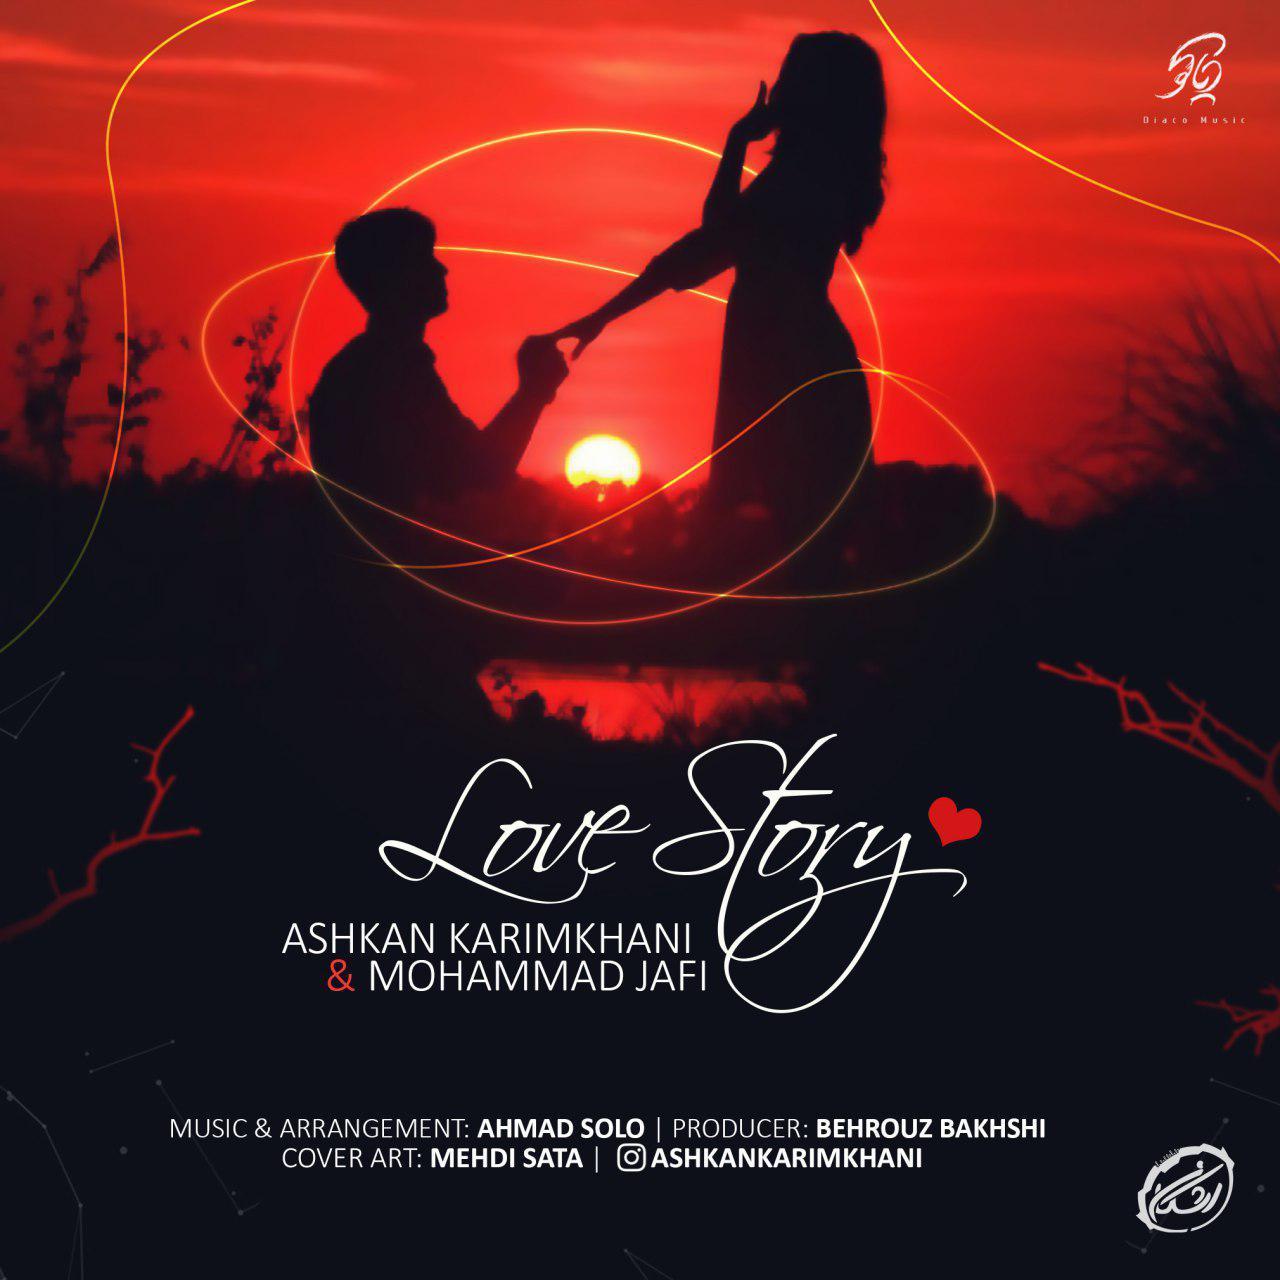 دانلود آهنگ جدید اشکان کریمخانی و محمد جافی به نام قصه عشق